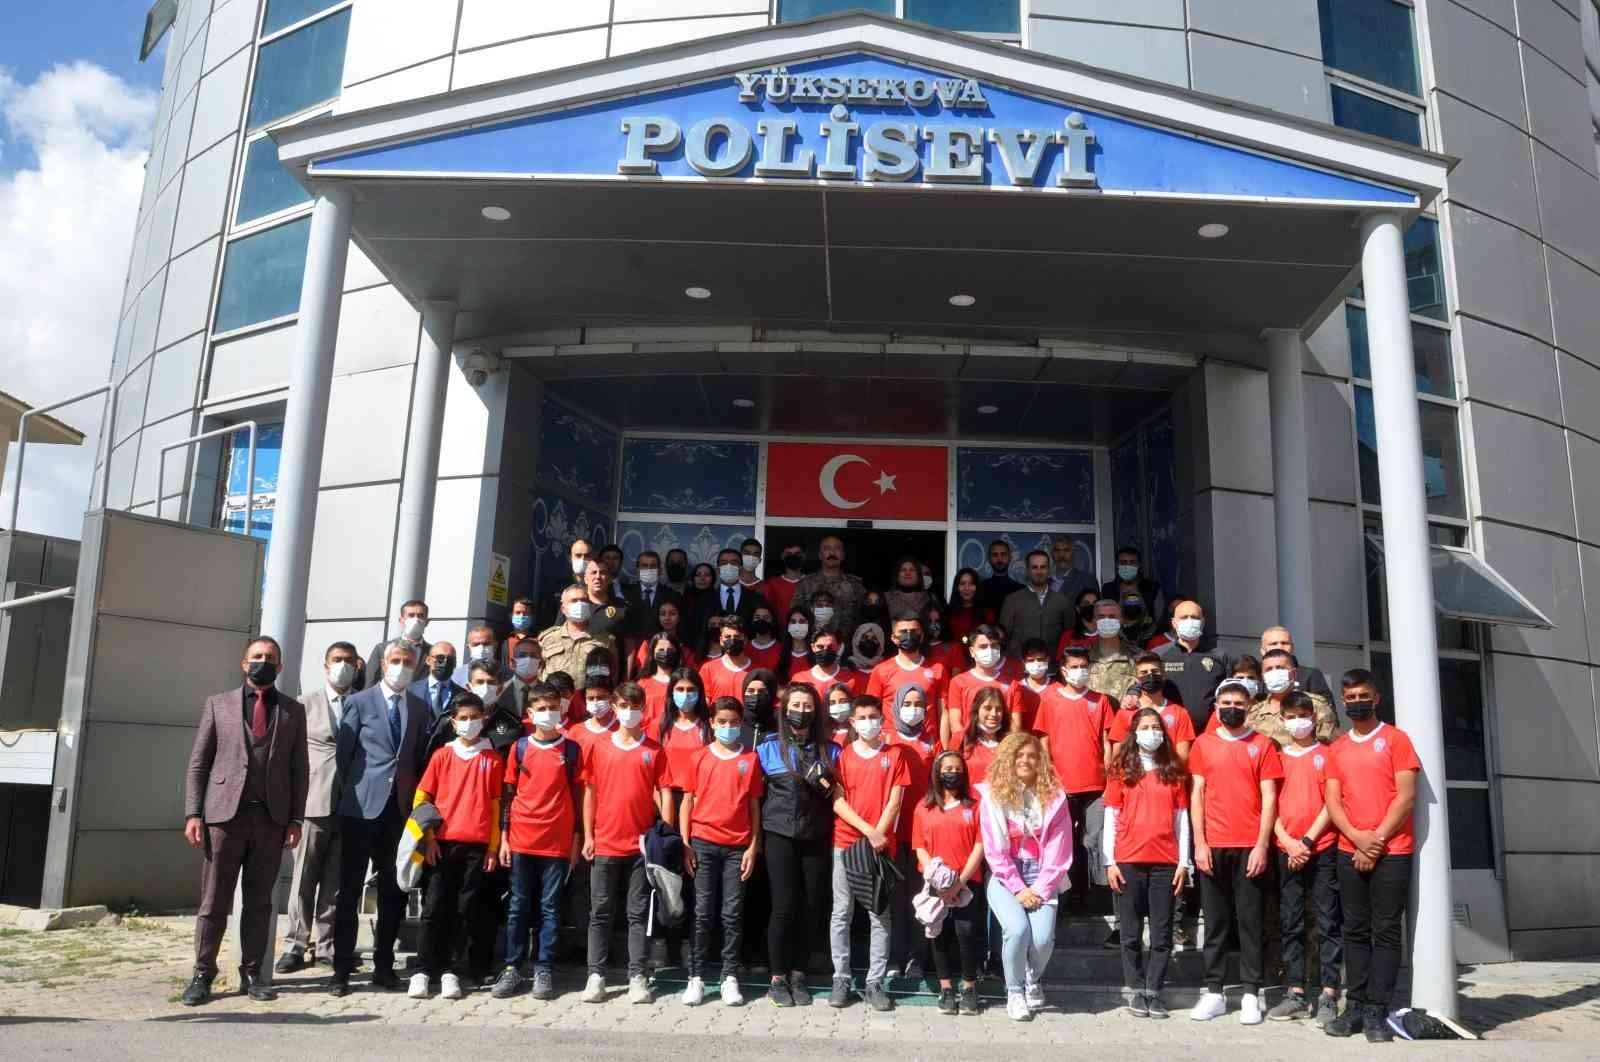 Yüksekova Emniyet Müdürlüğü 40 öğrenciyi Ankara gönderdi #hakkari